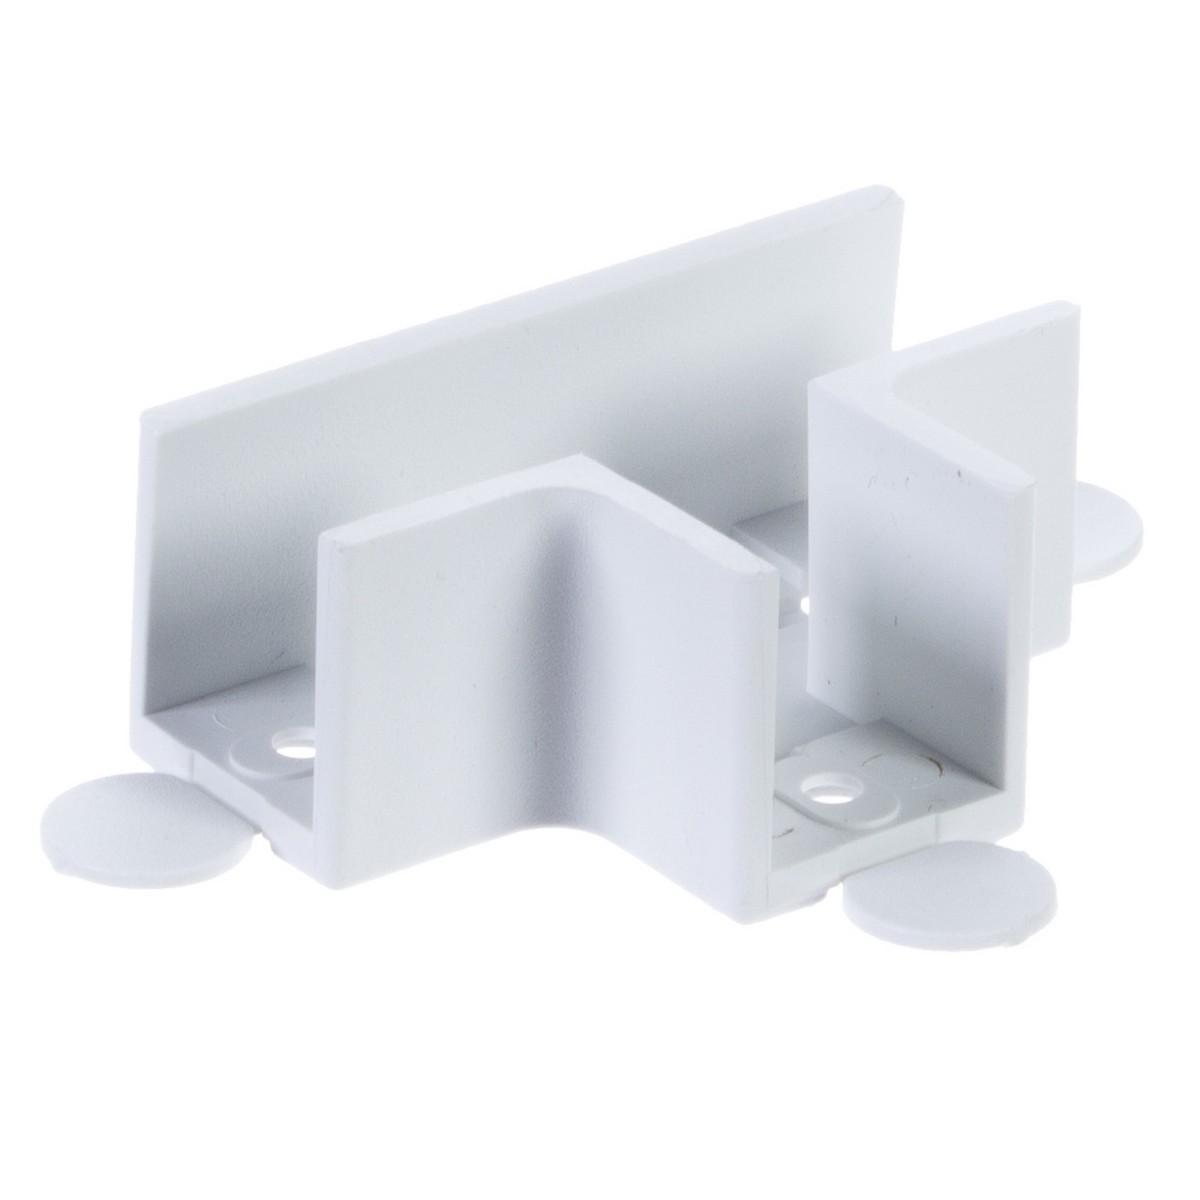 Фиксатор RapidFix T-образный цвет белый 4 шт.